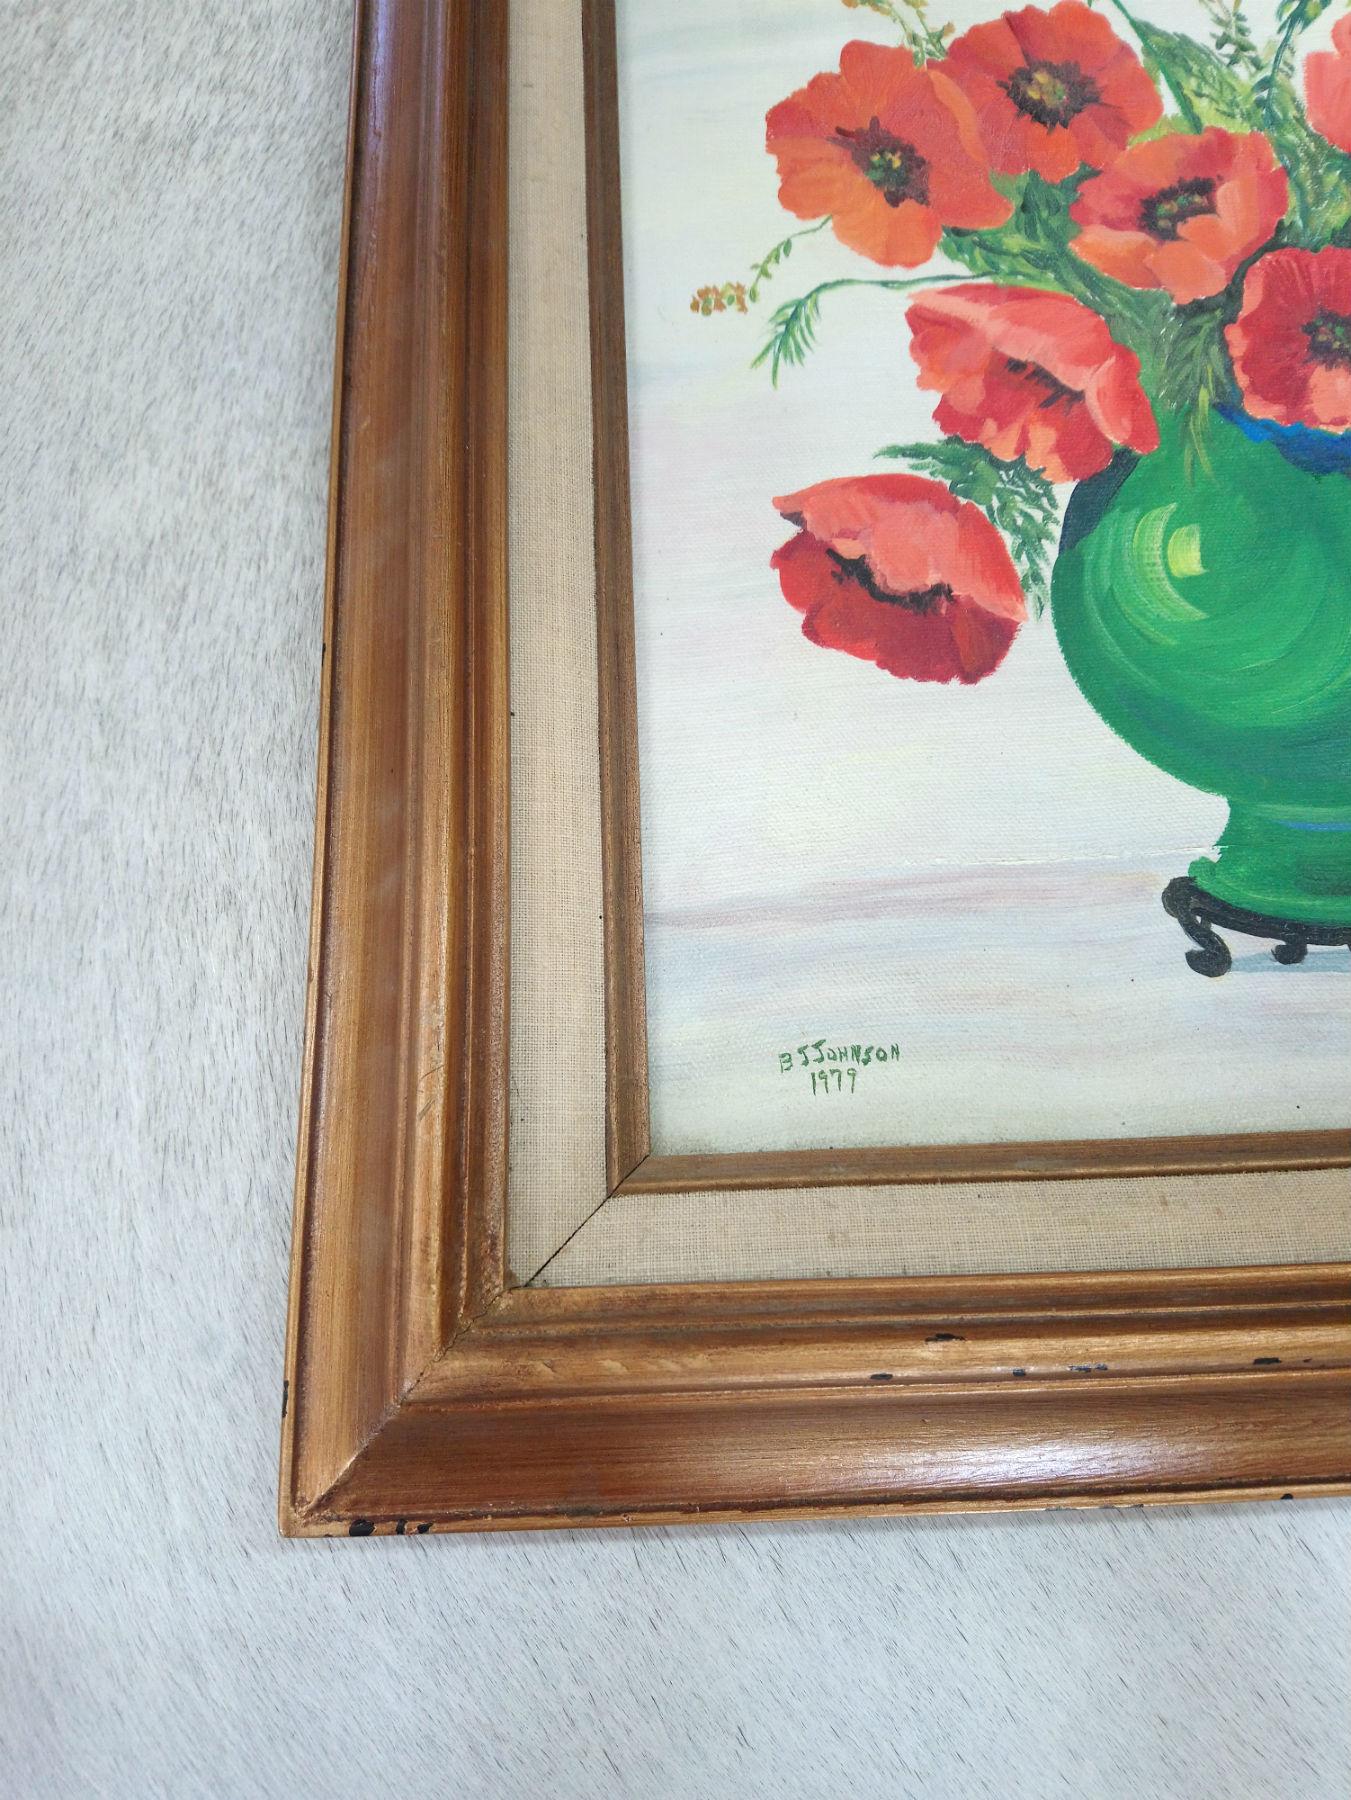 Vintage Poppy Still Life Painting